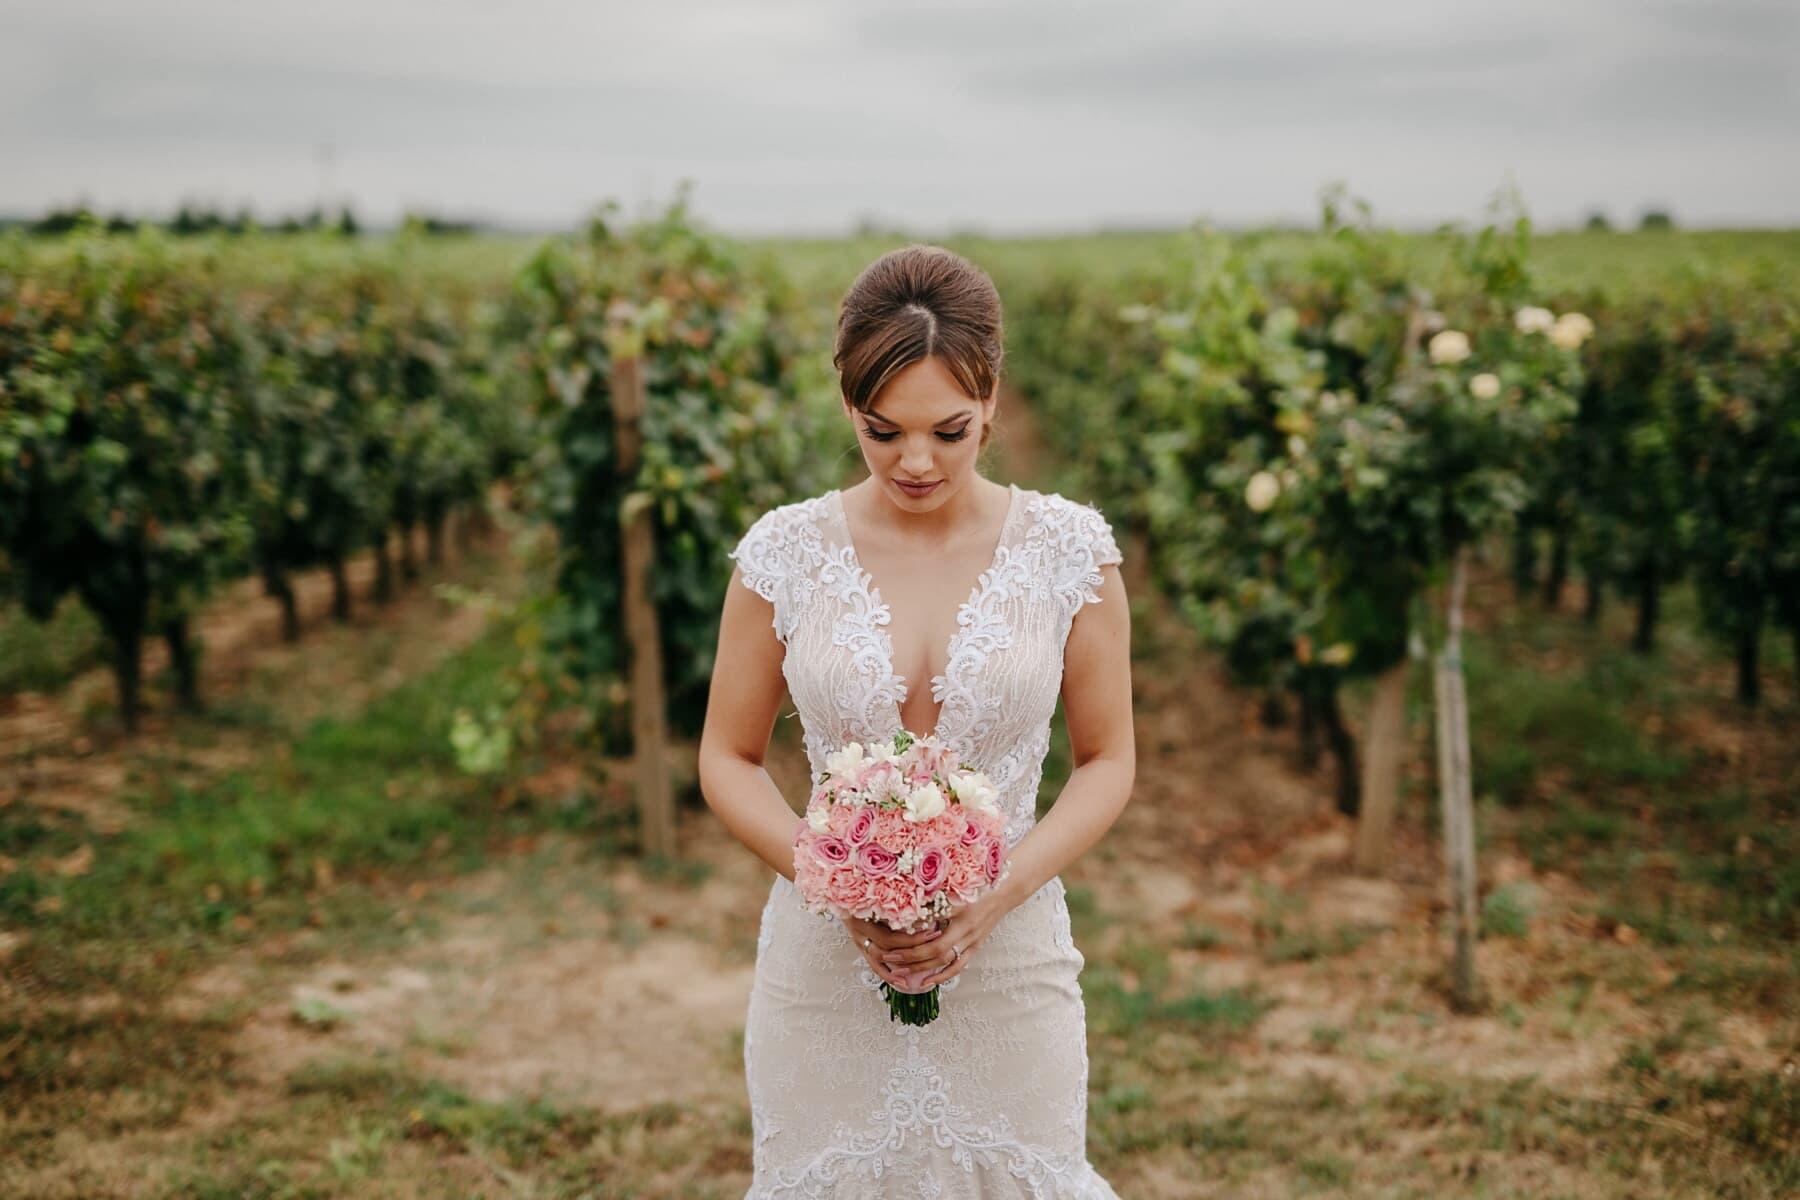 herrlich, Braut, Brünette, Hochzeitsstrauß, Hochzeitskleid, stehende, Weinberg, Hochzeit, Mädchen, Kleid